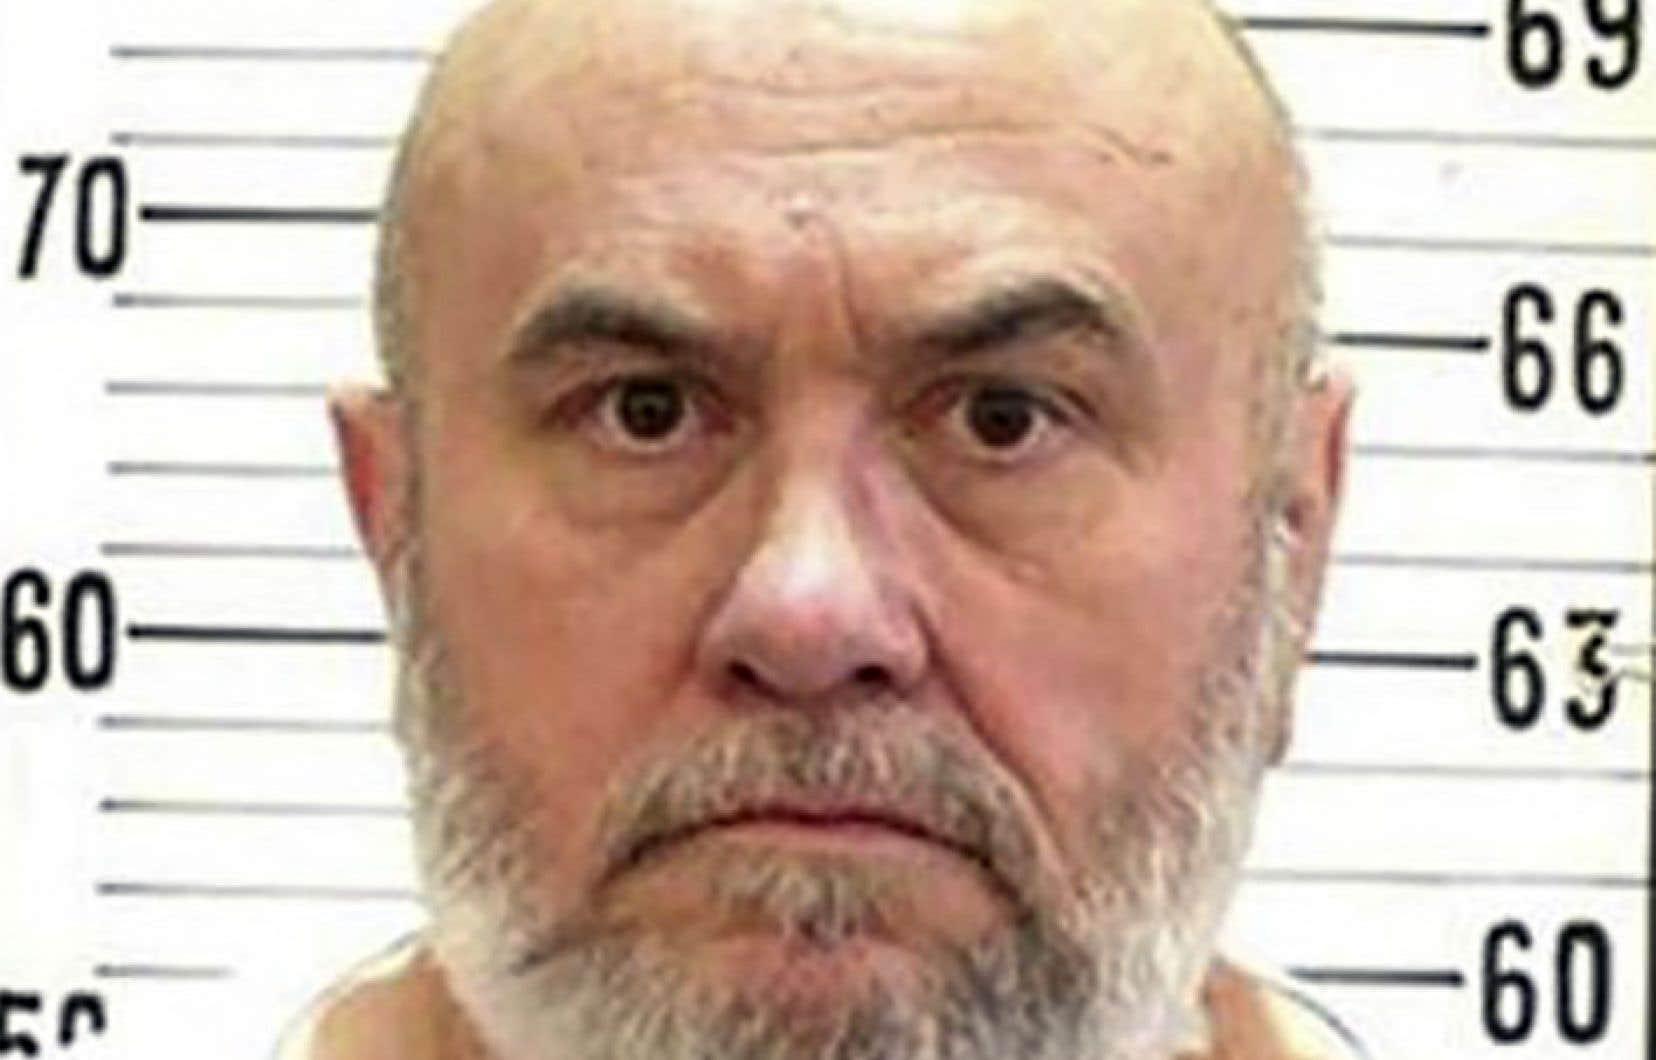 Edmund Zagorski, 63 ans, a été condamné à la peine capitale en 1984.